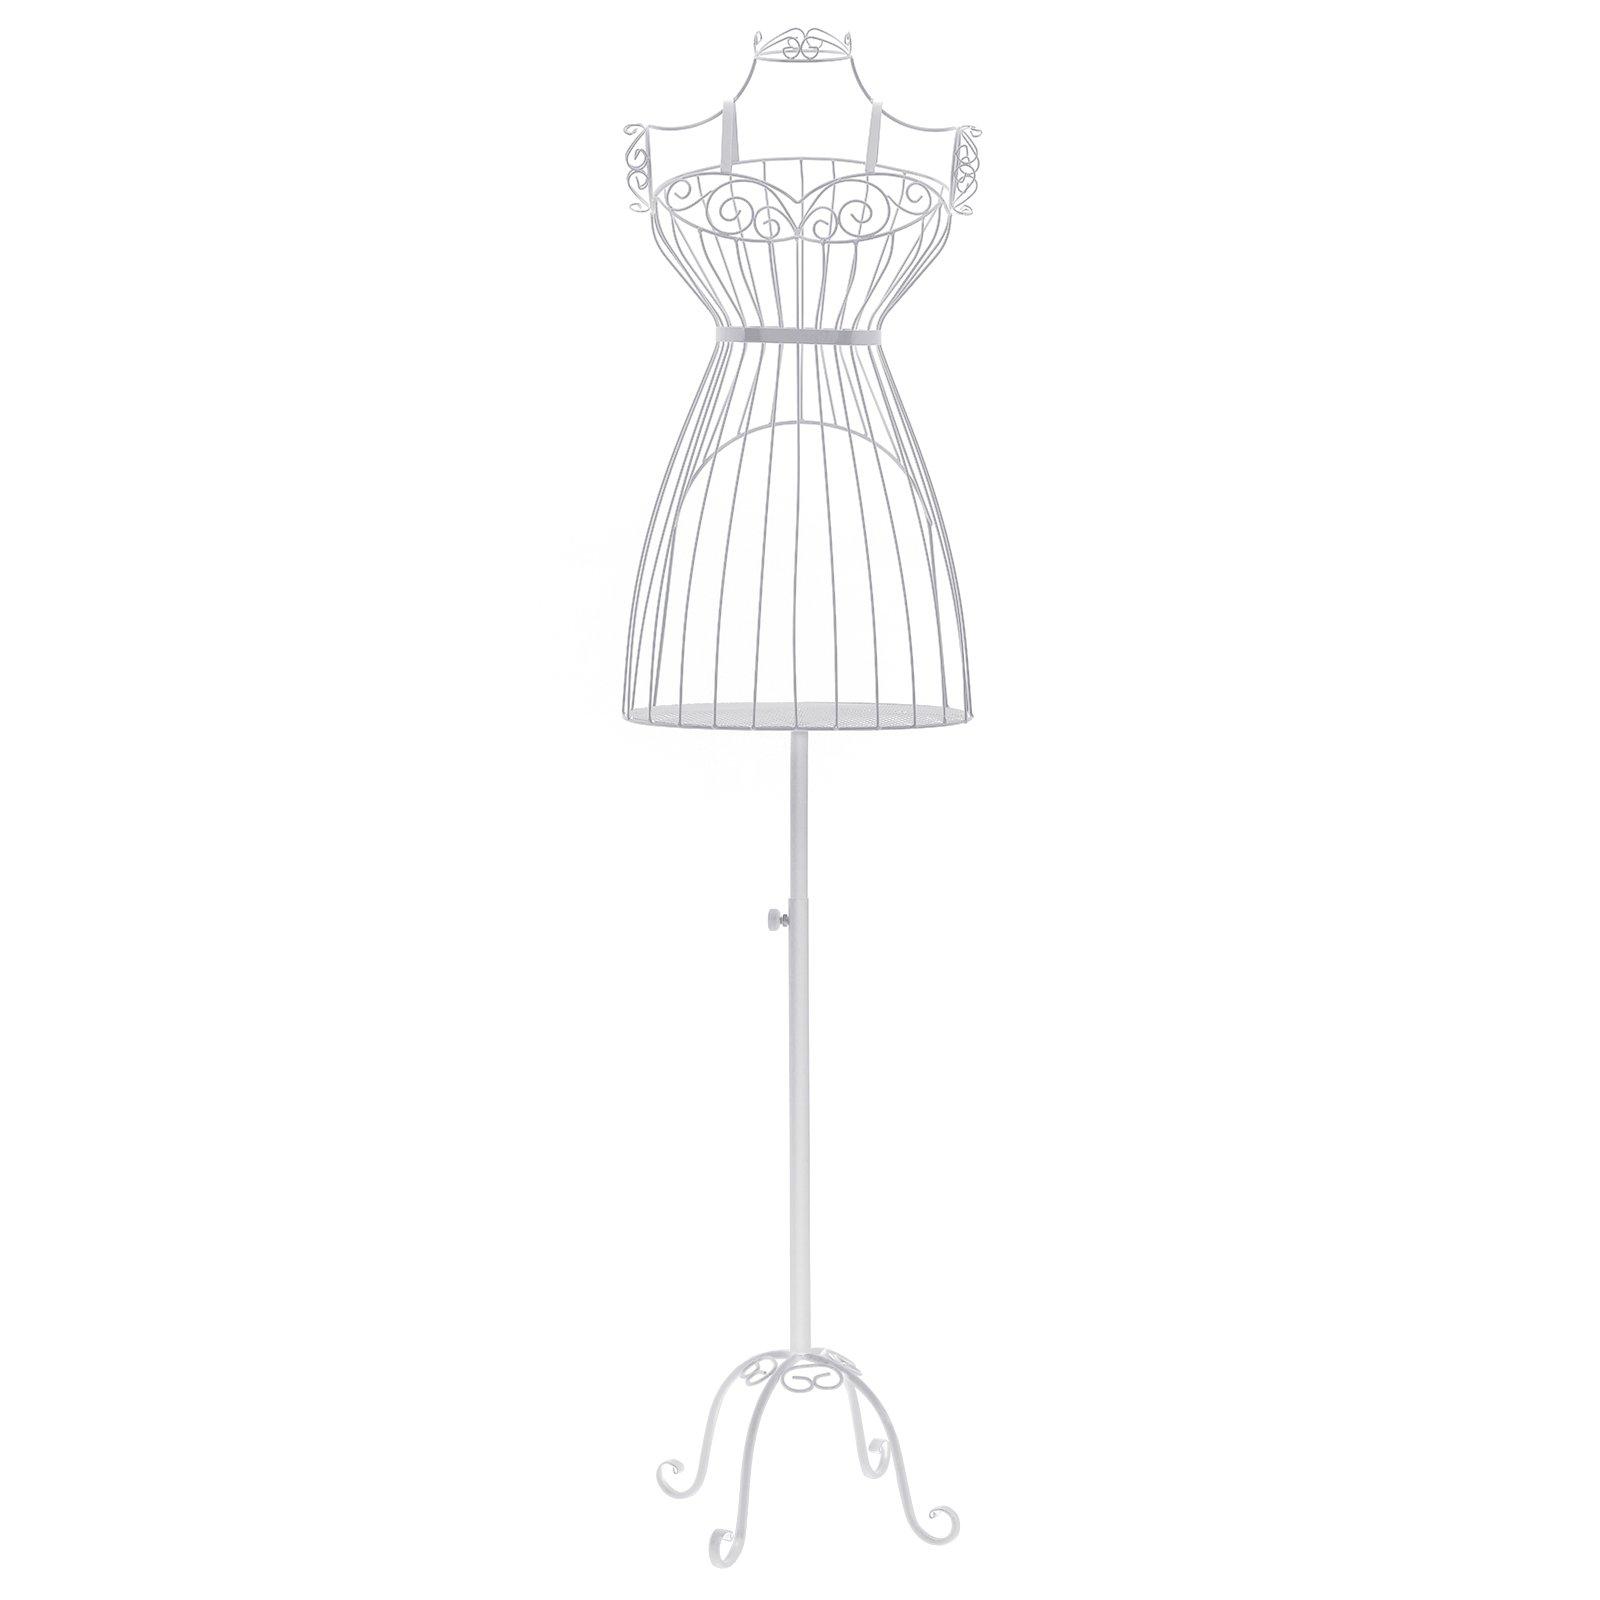 SONGMICS Busto de señora para Costura Maniquí de exposición metálico HRA09W product image